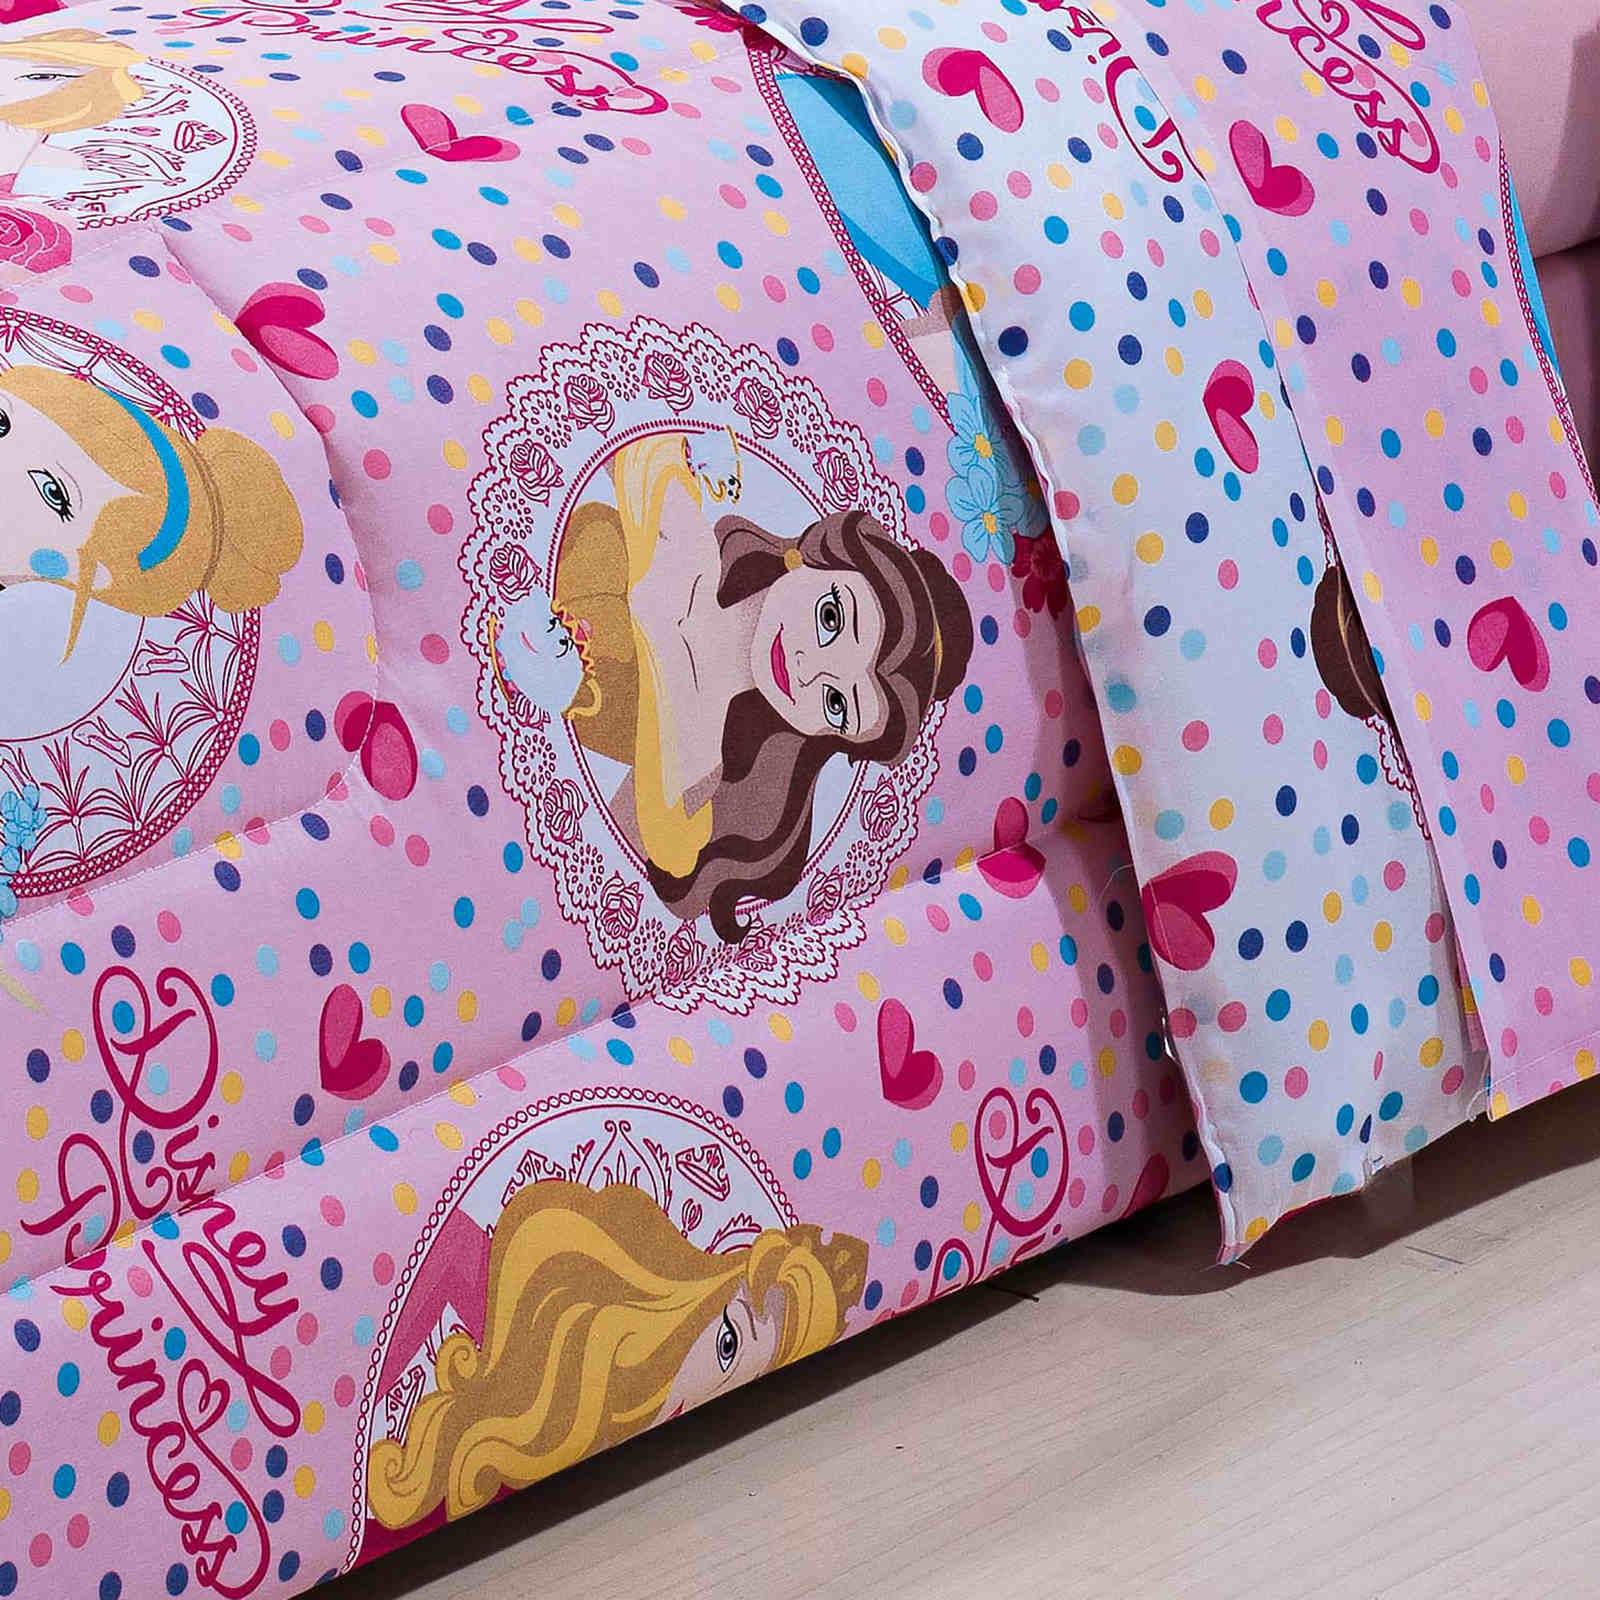 Coordenado Infantil Cama Solteiro Menina Edredom Jogo de Cama Completo 4 Peças Princesas Disney Rosa